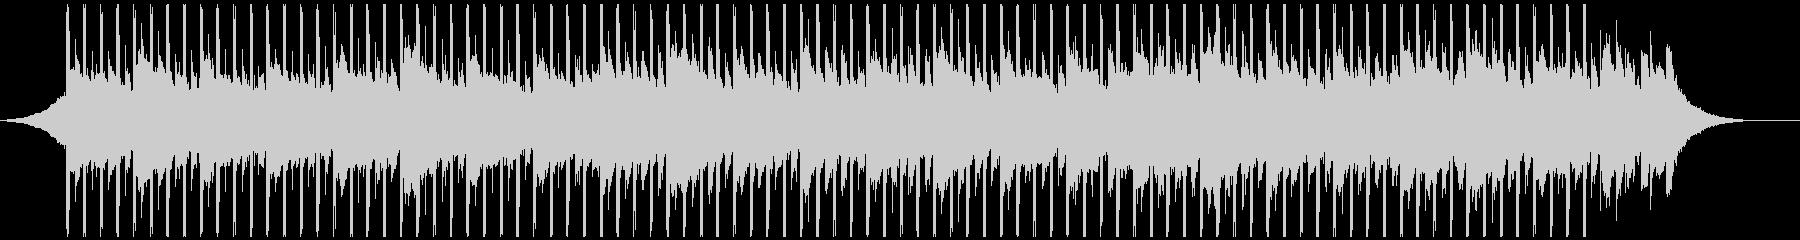 これは情報です(60秒)の未再生の波形